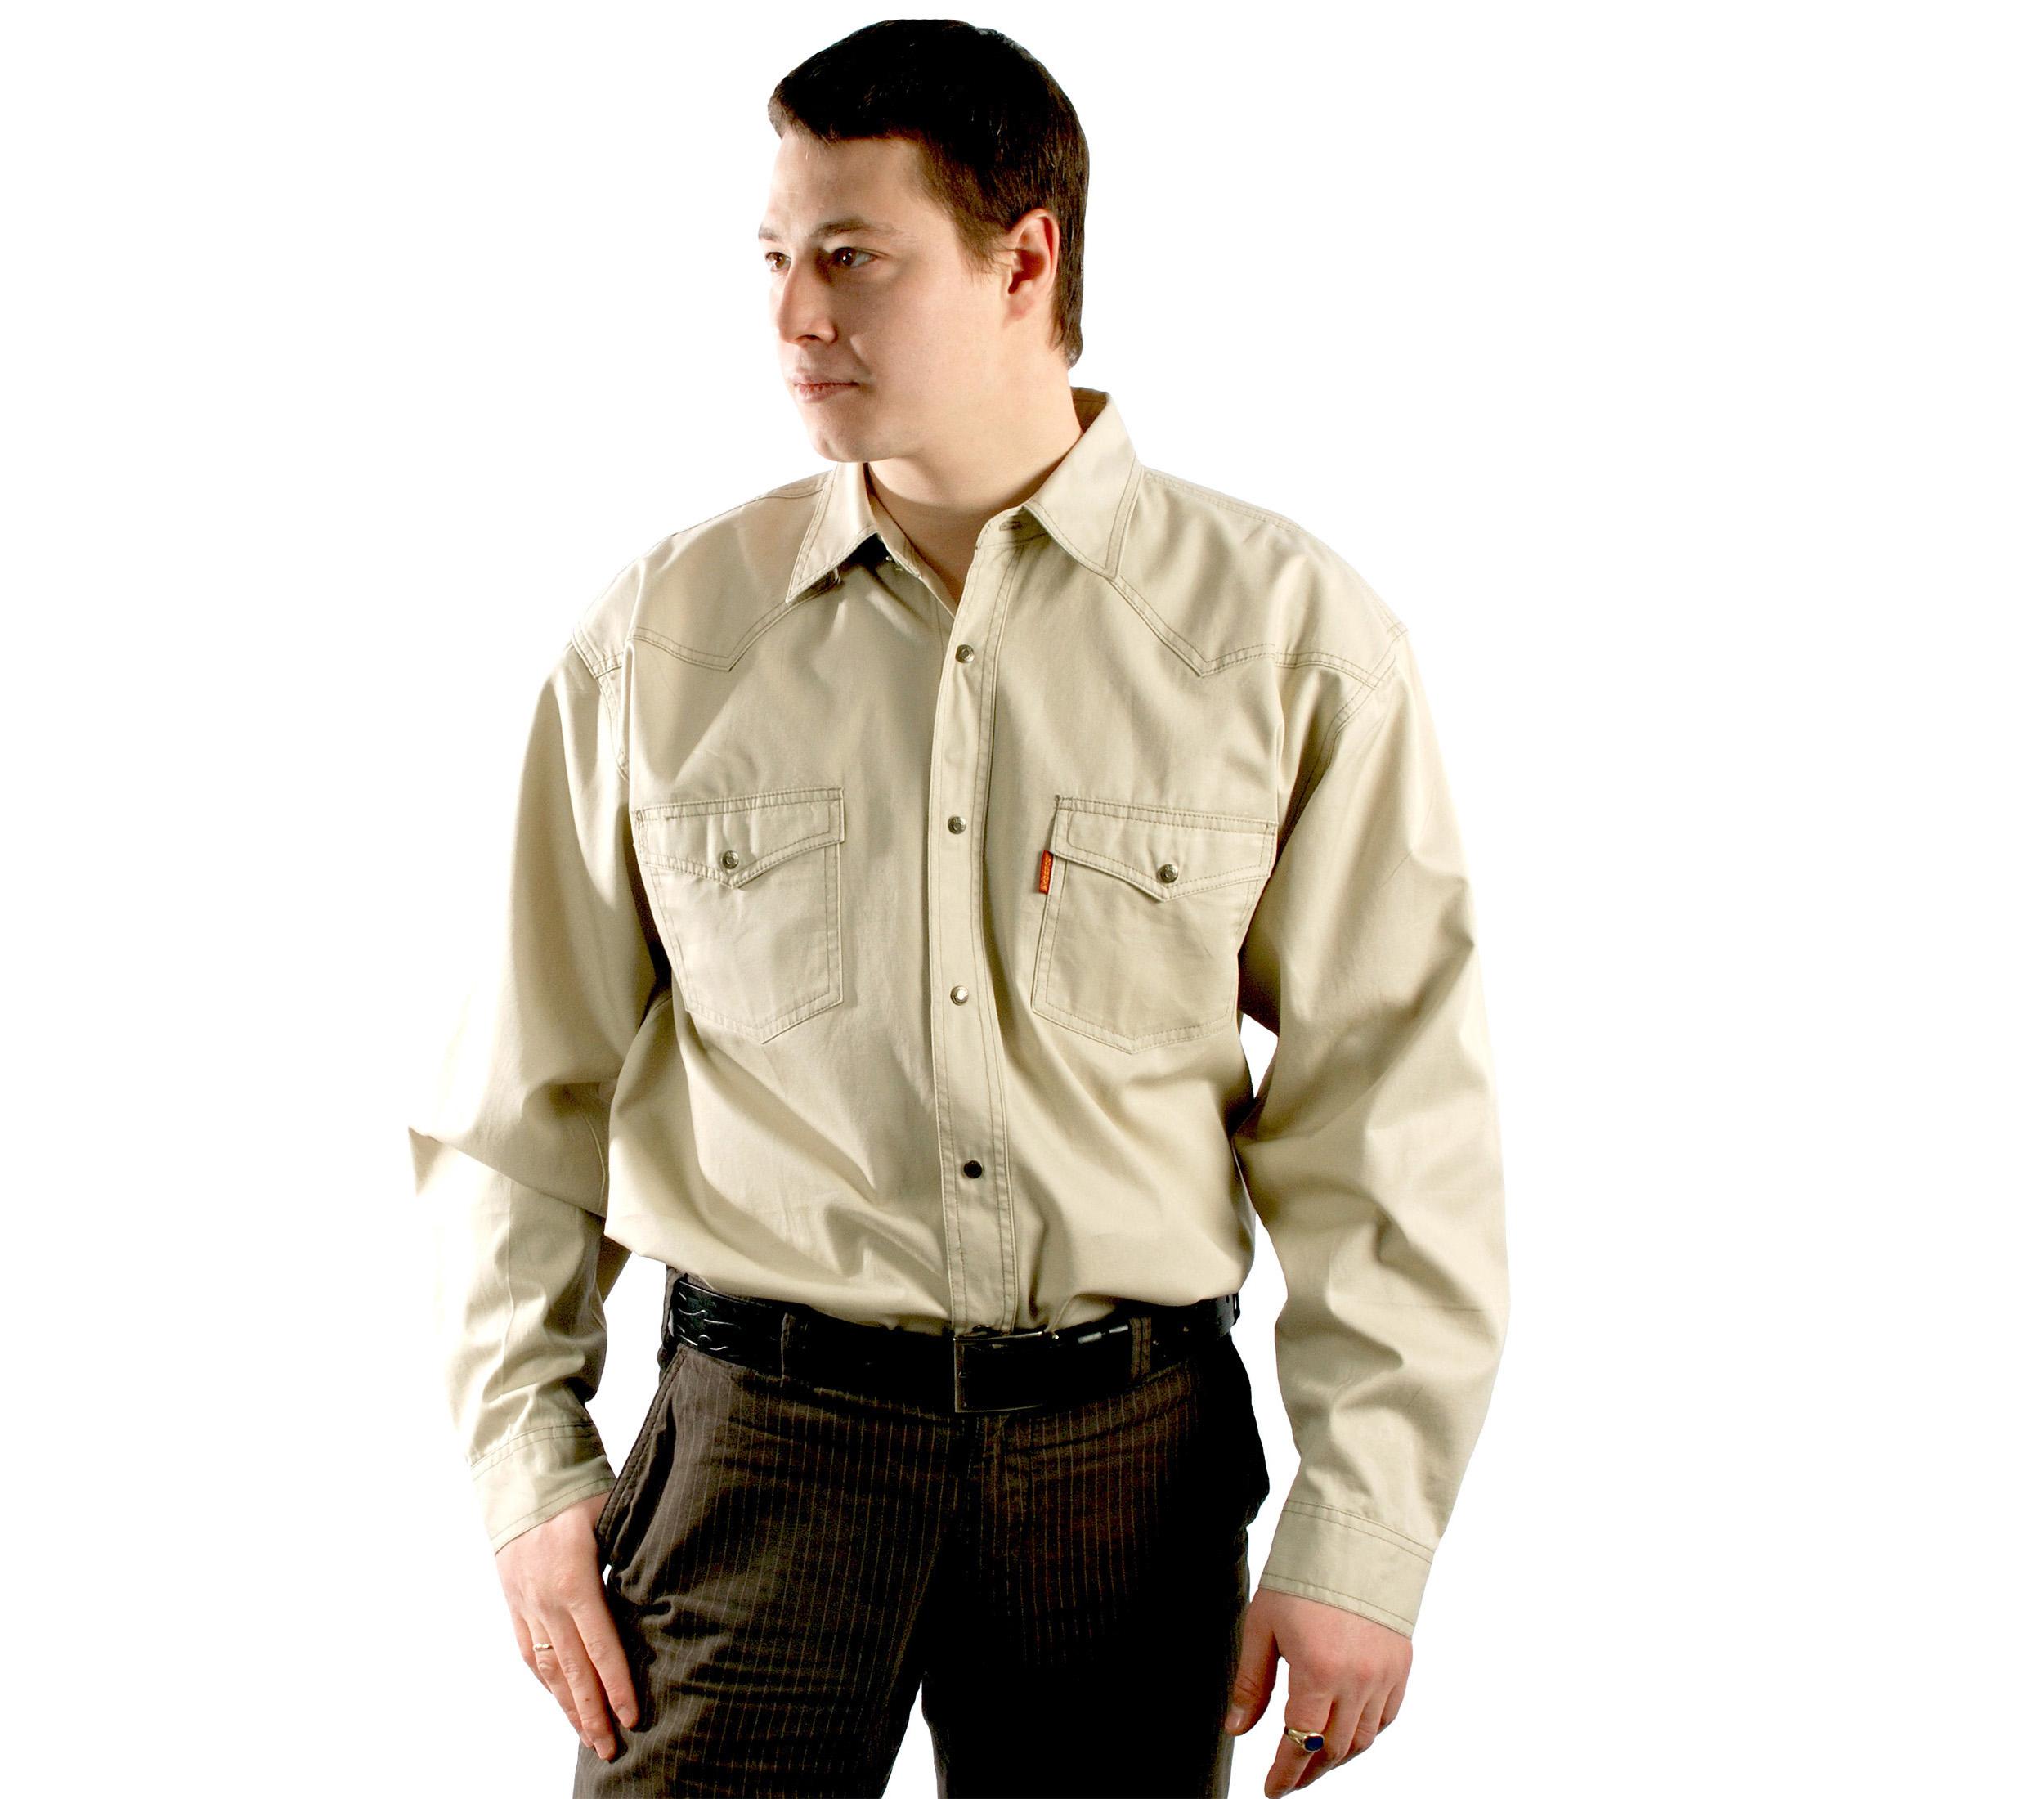 Джинсовая рубашка супер большого размера бежевого цвета.